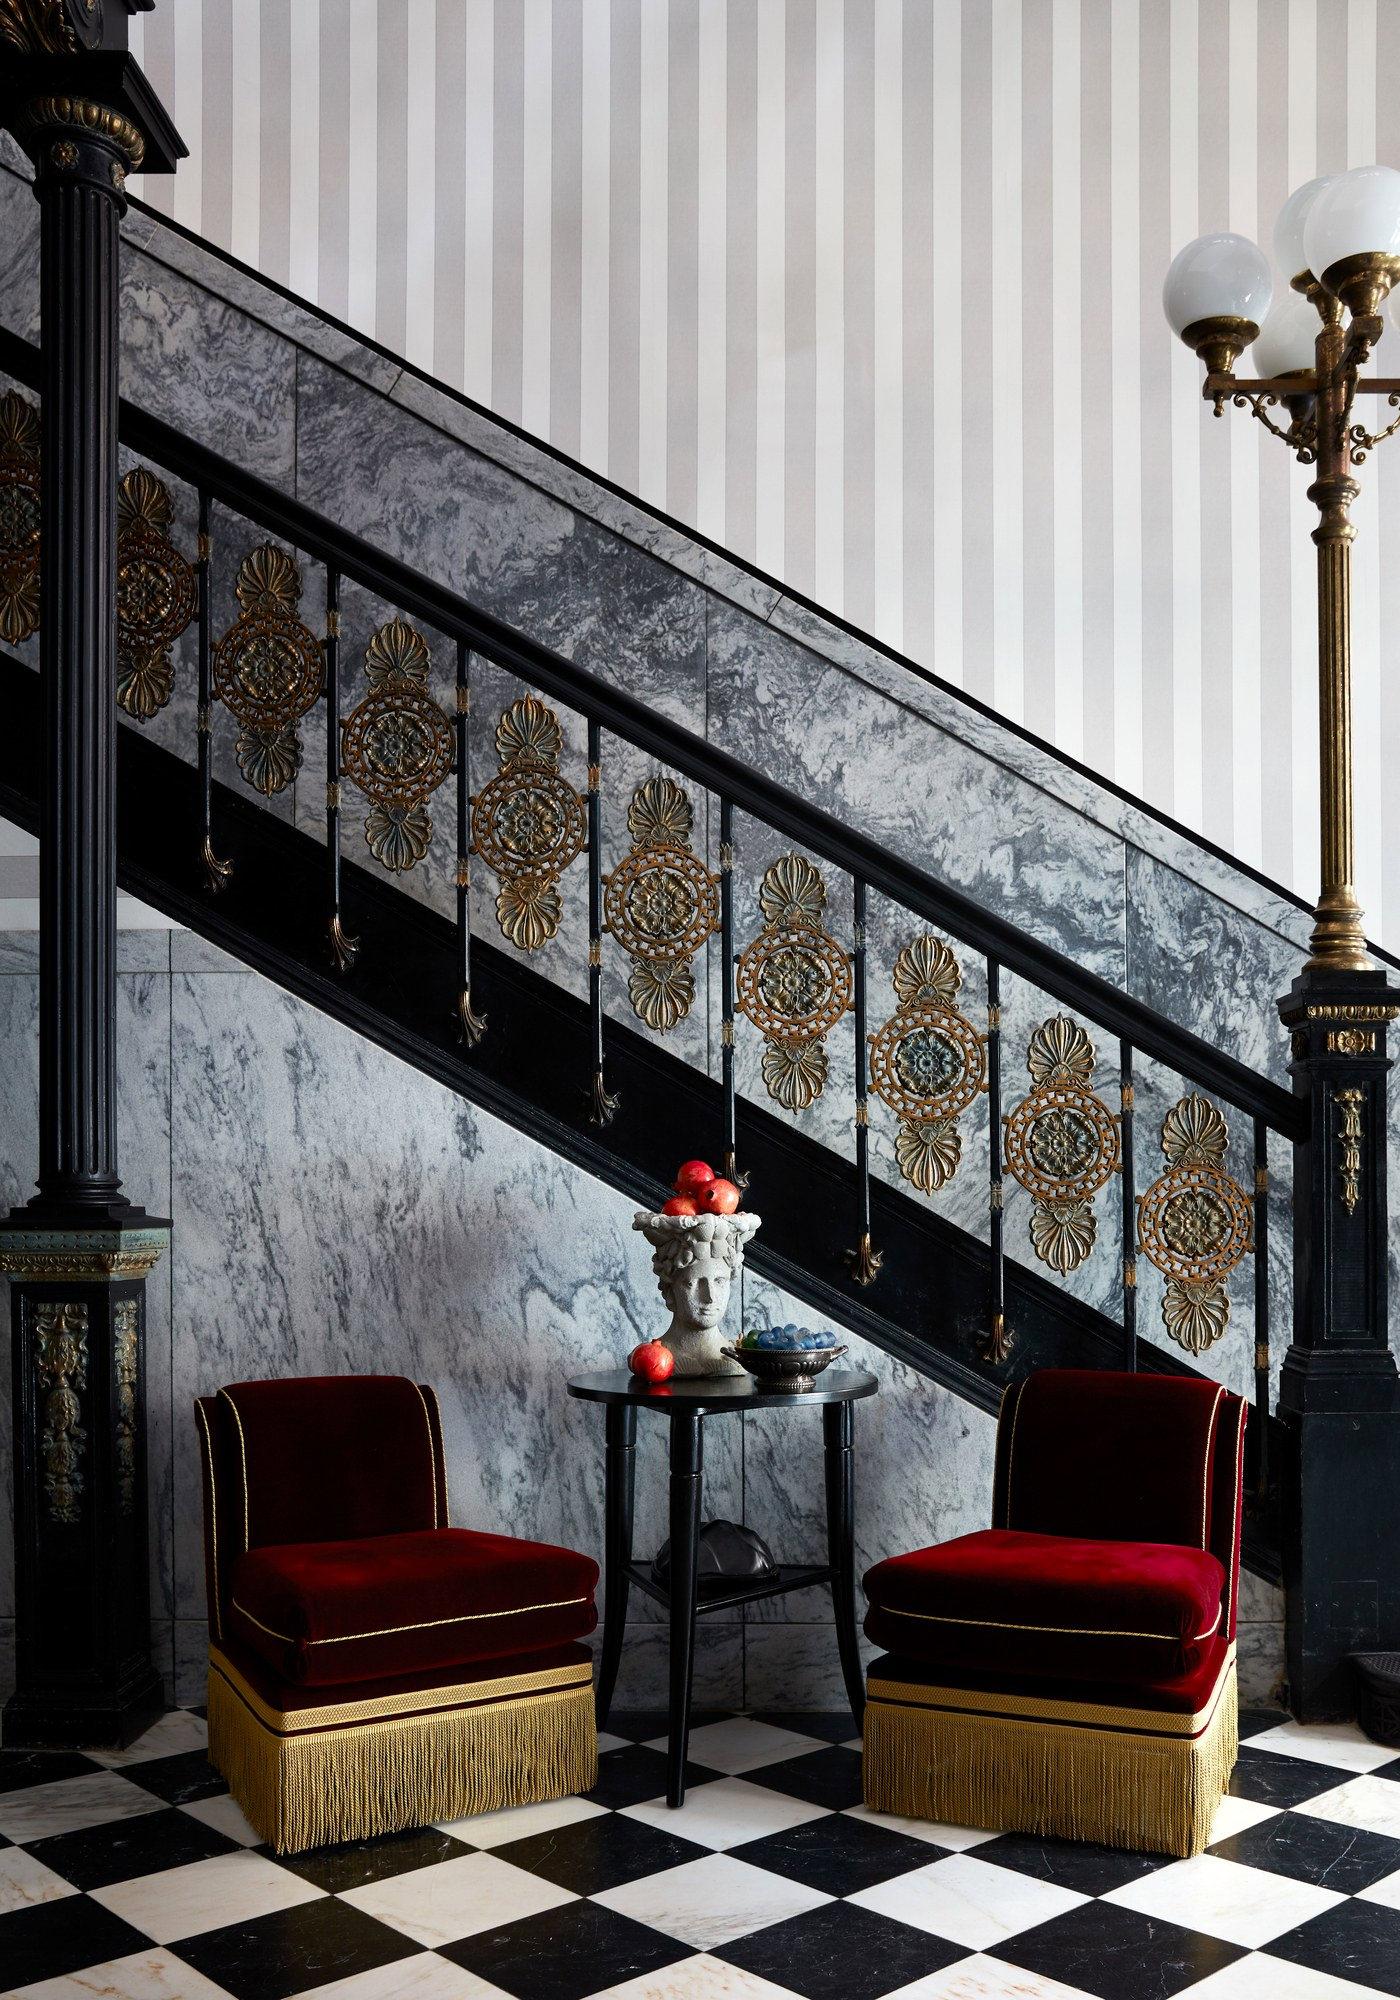 City Guide La Nouvelle-Orléans New Orleans La Maison de la Luz Ace Hotel Escalier Entrée